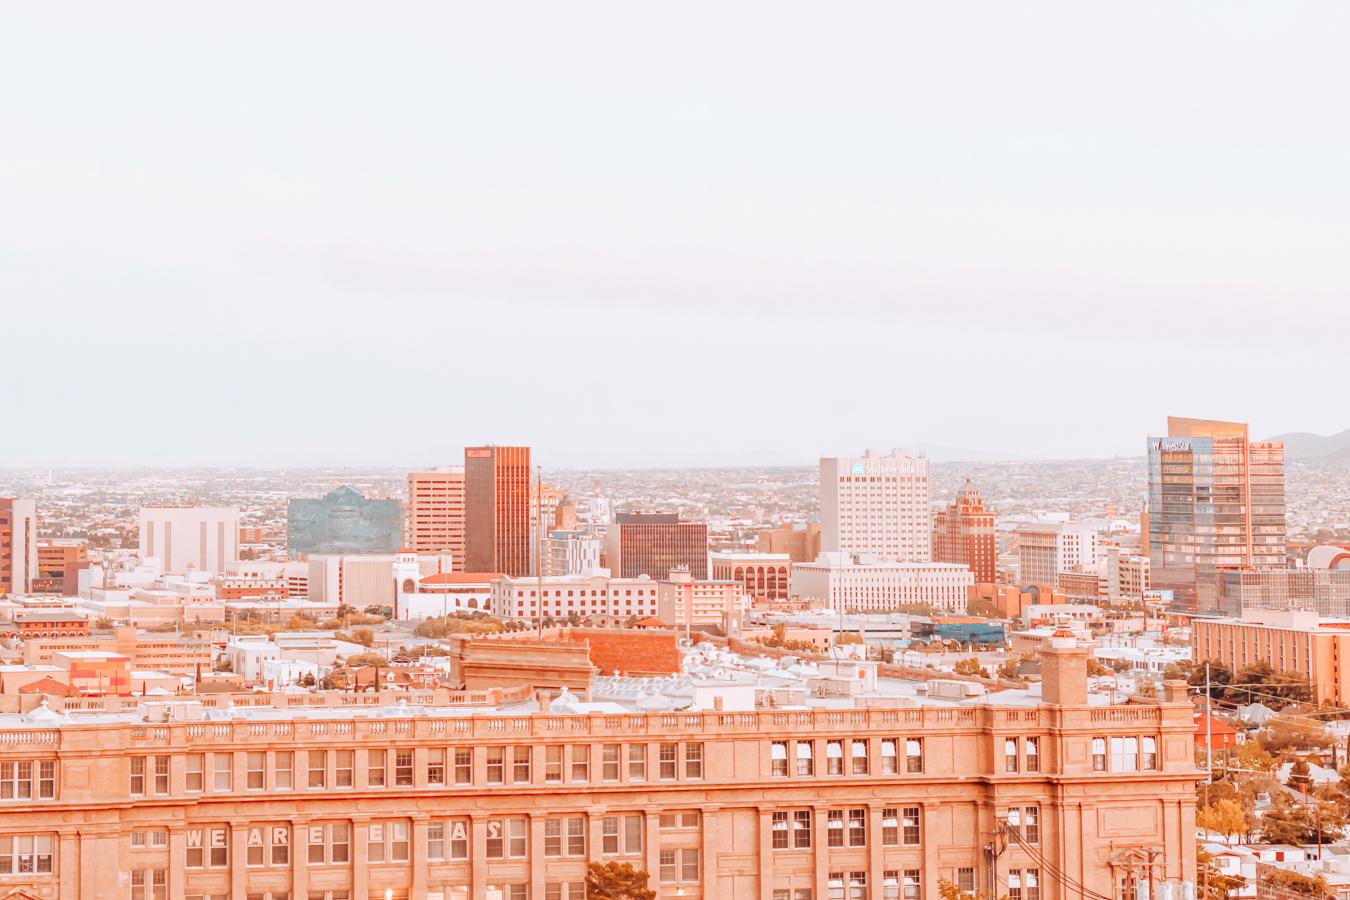 View of buildings in El Paso